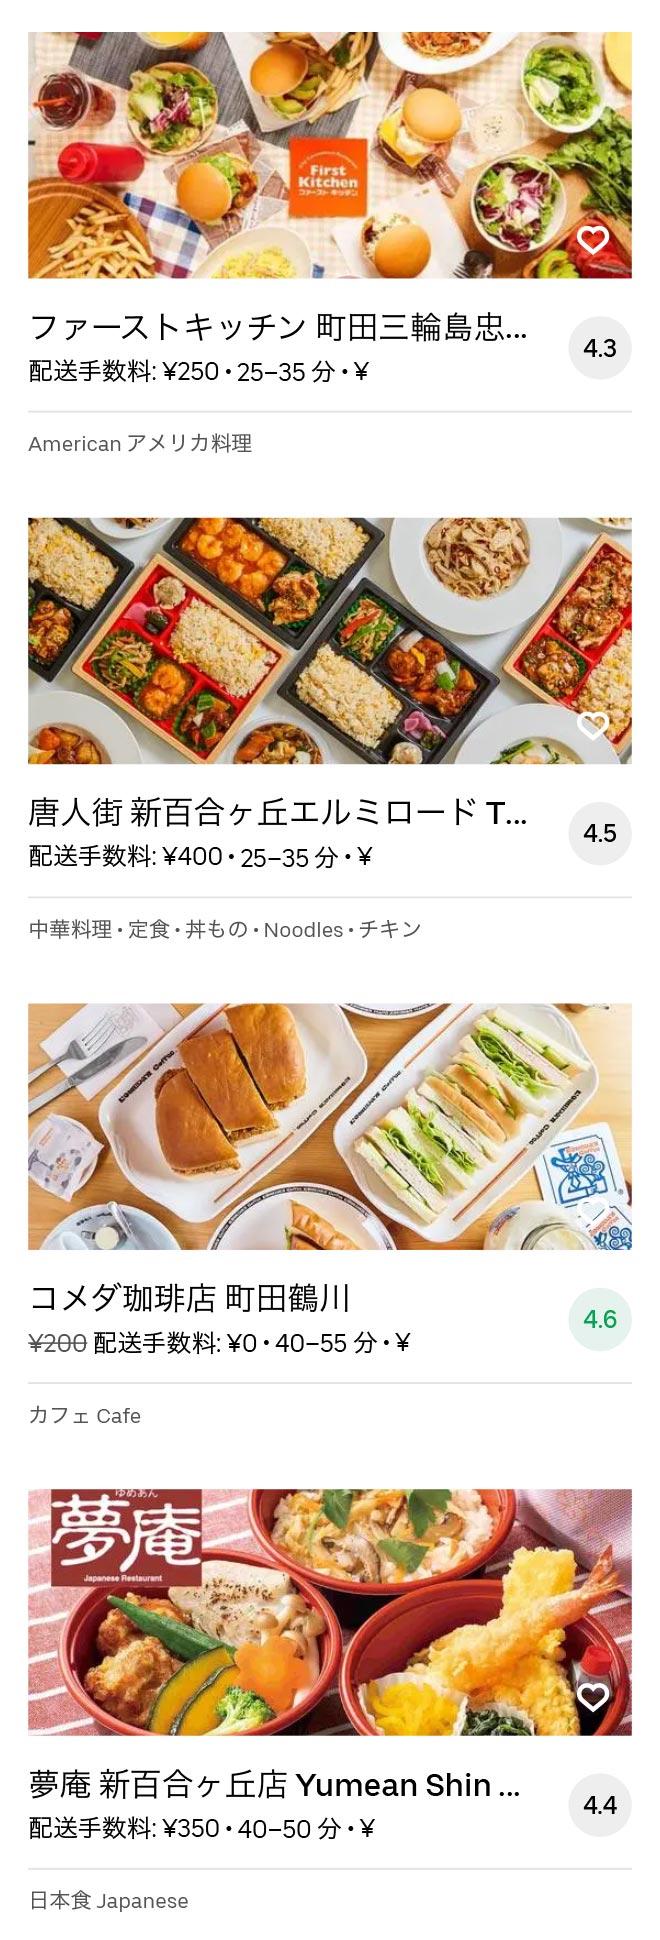 Tsurukawa menu 2010 08